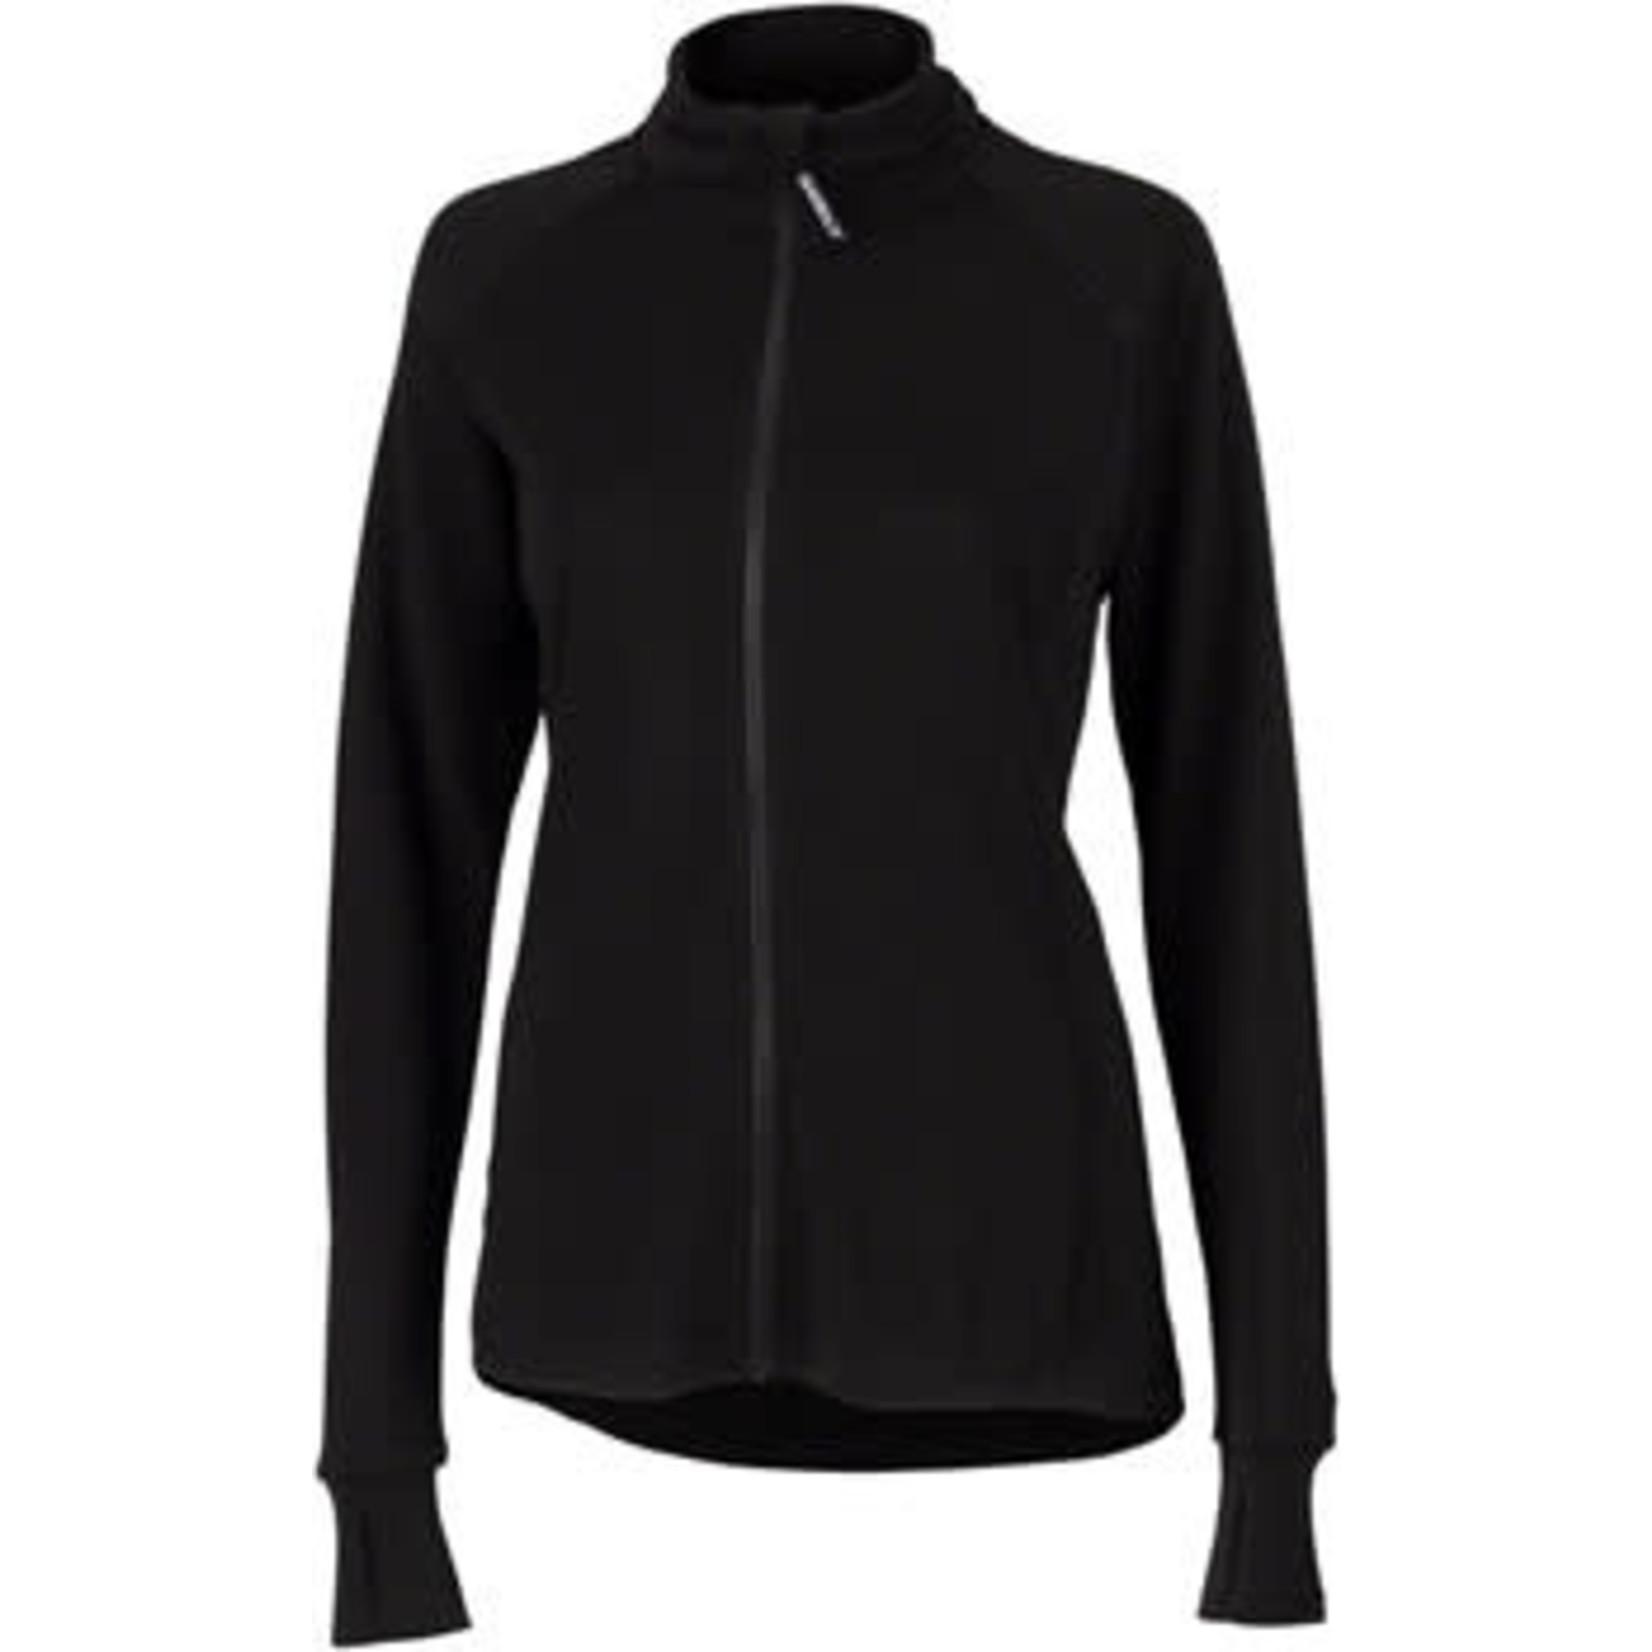 Surly Surly Merino Wool Women's Long Sleeve Jersey: Black MD